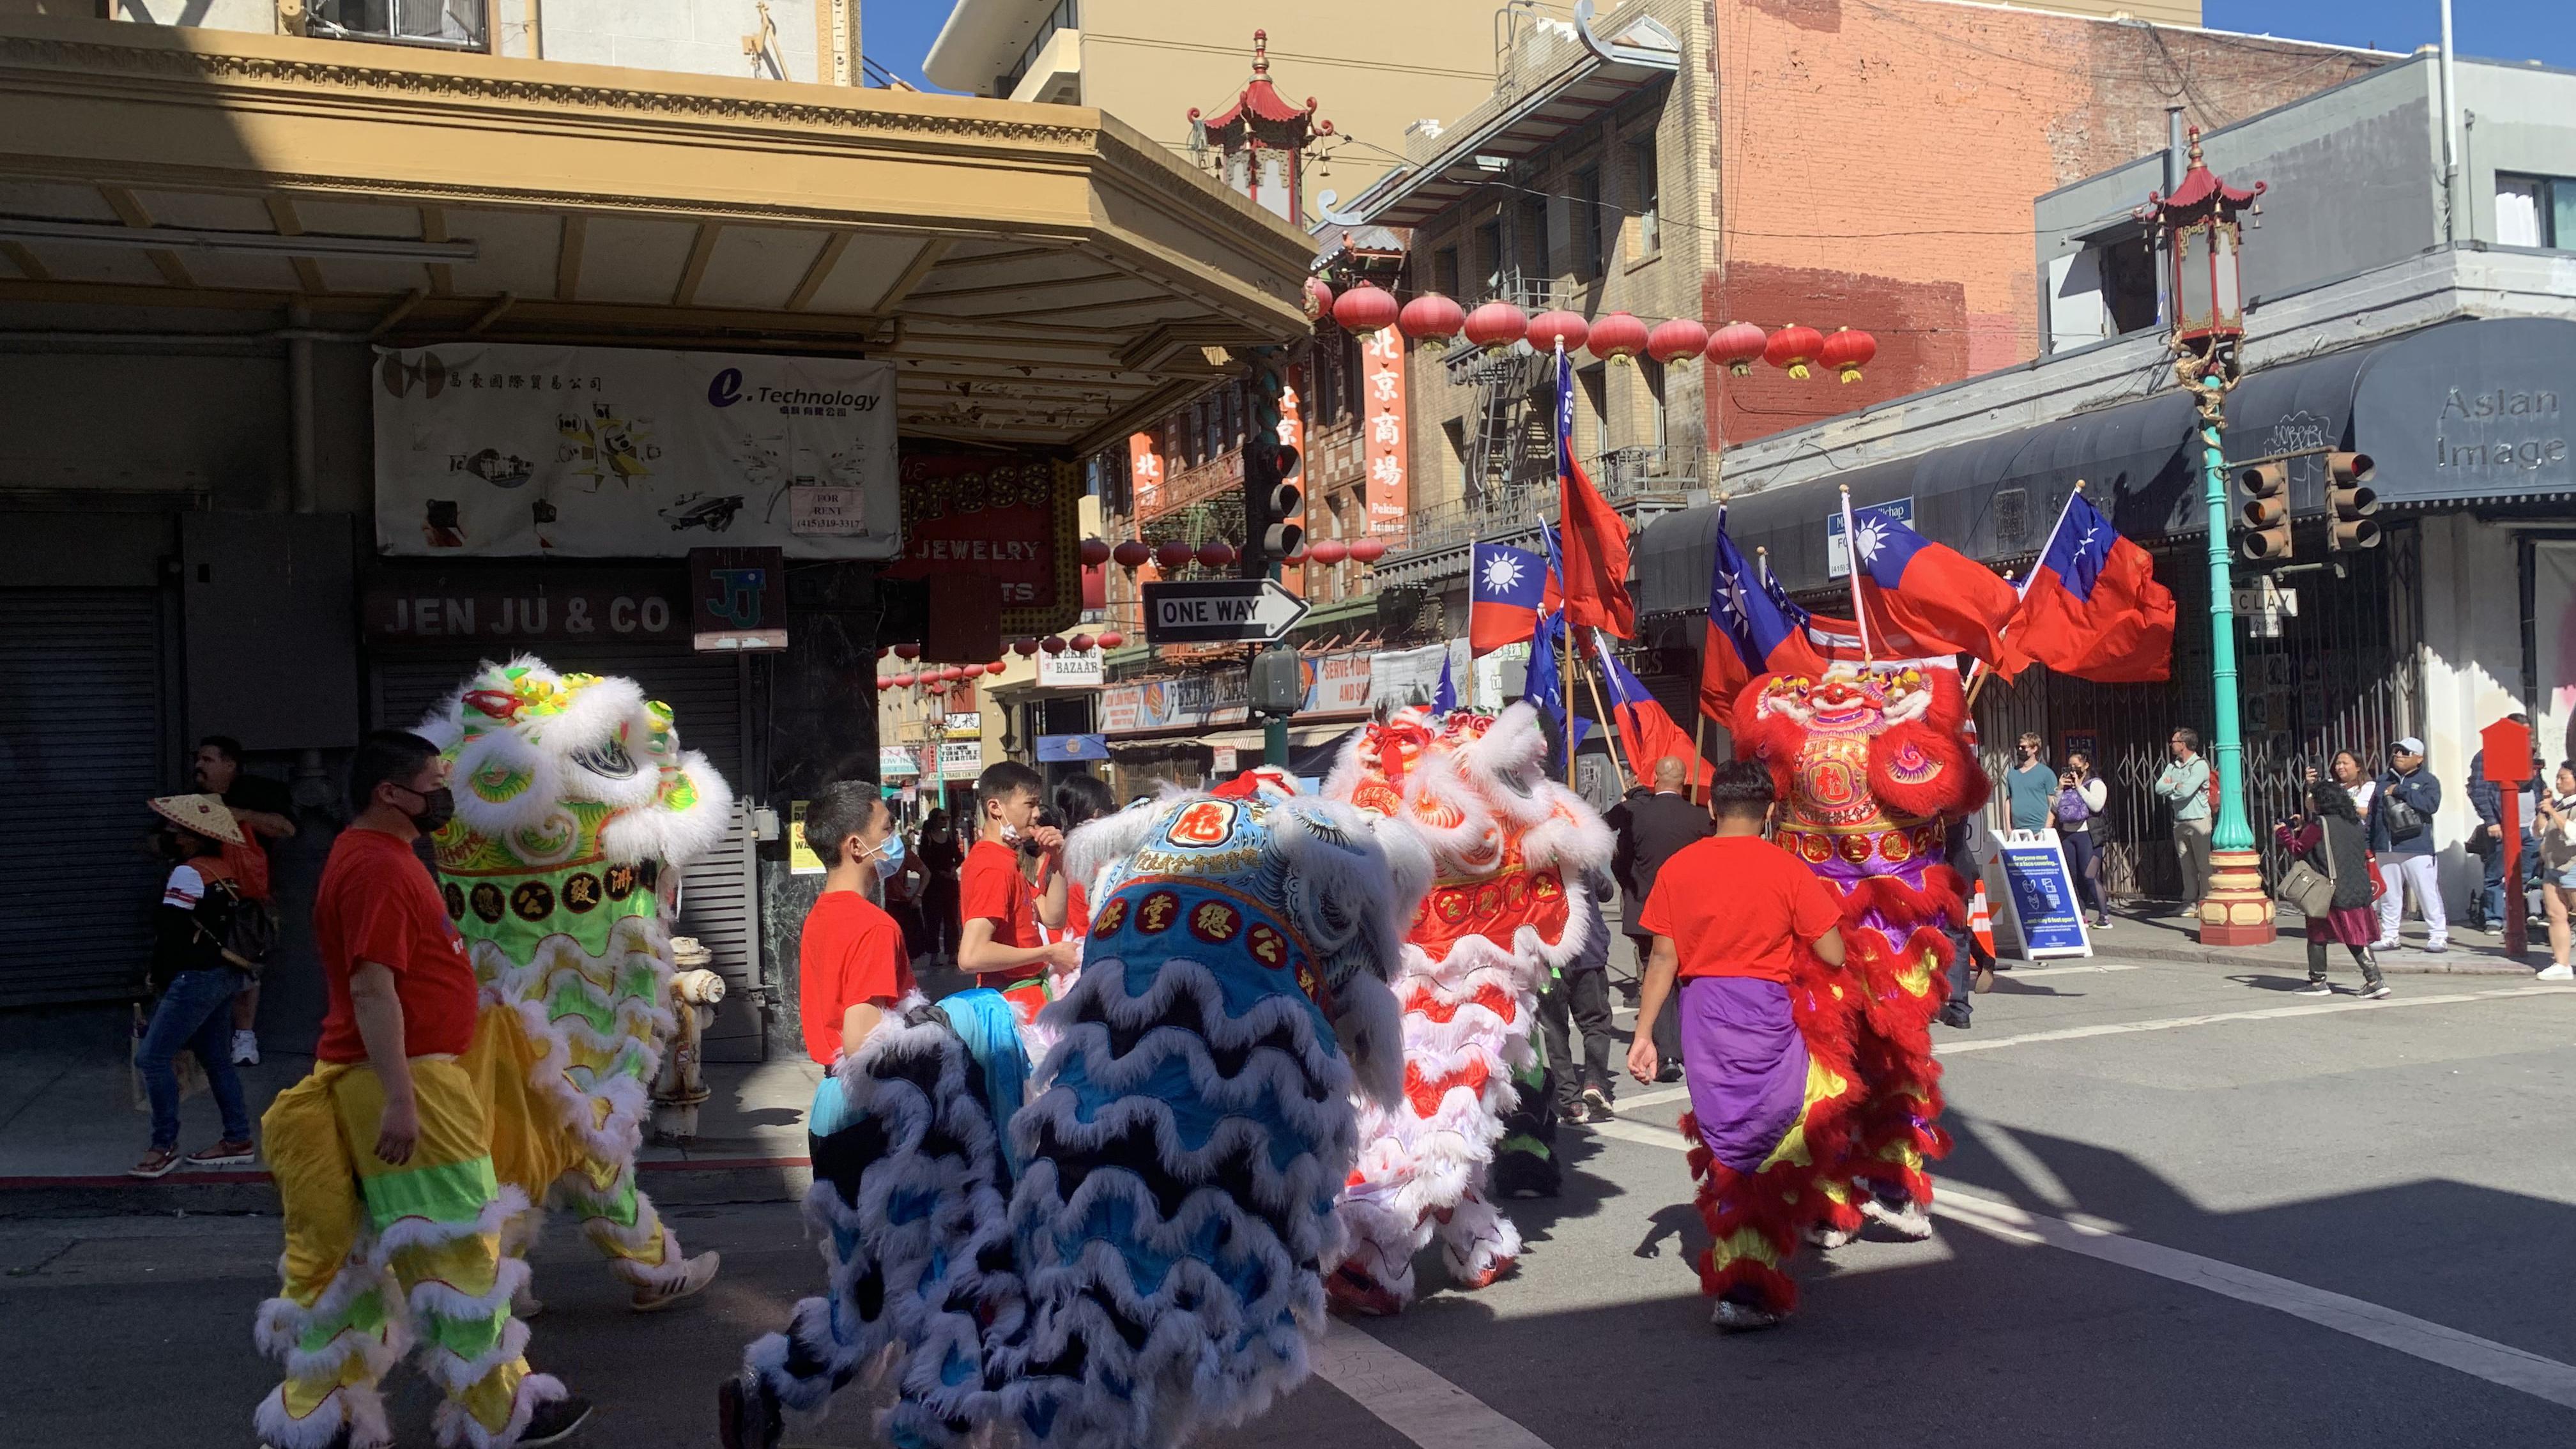 2021年10月10日下午,庆祝双十节的游行队伍在旧金山街头行进。(孙诚拍摄,独家首发)